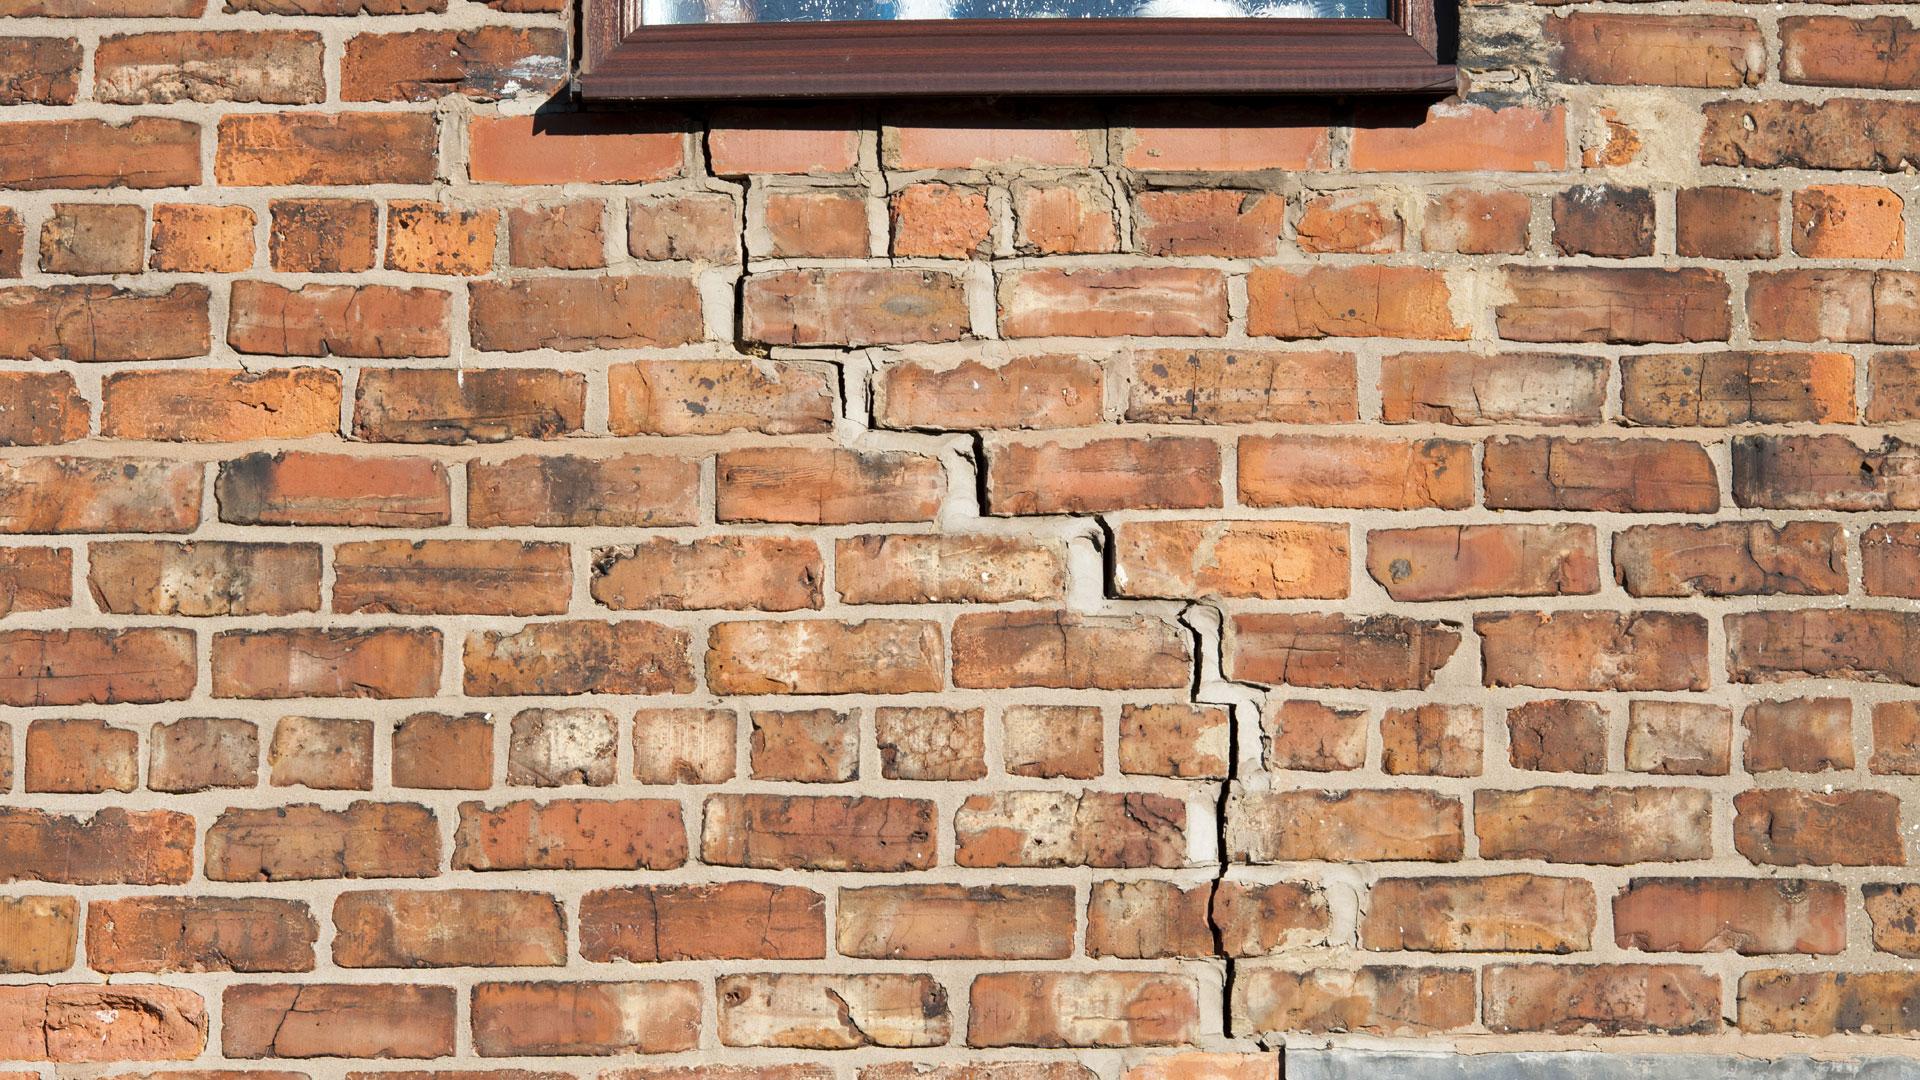 Kun talo painuu vinoon, seiniin alkaa ilmestyä halkeamia viimeistään silloin, kunpainuma on sentin metrin matkalla. Ainoa tapa välttyä painumisen tuottamilta ongelmilta on oikaista talo.